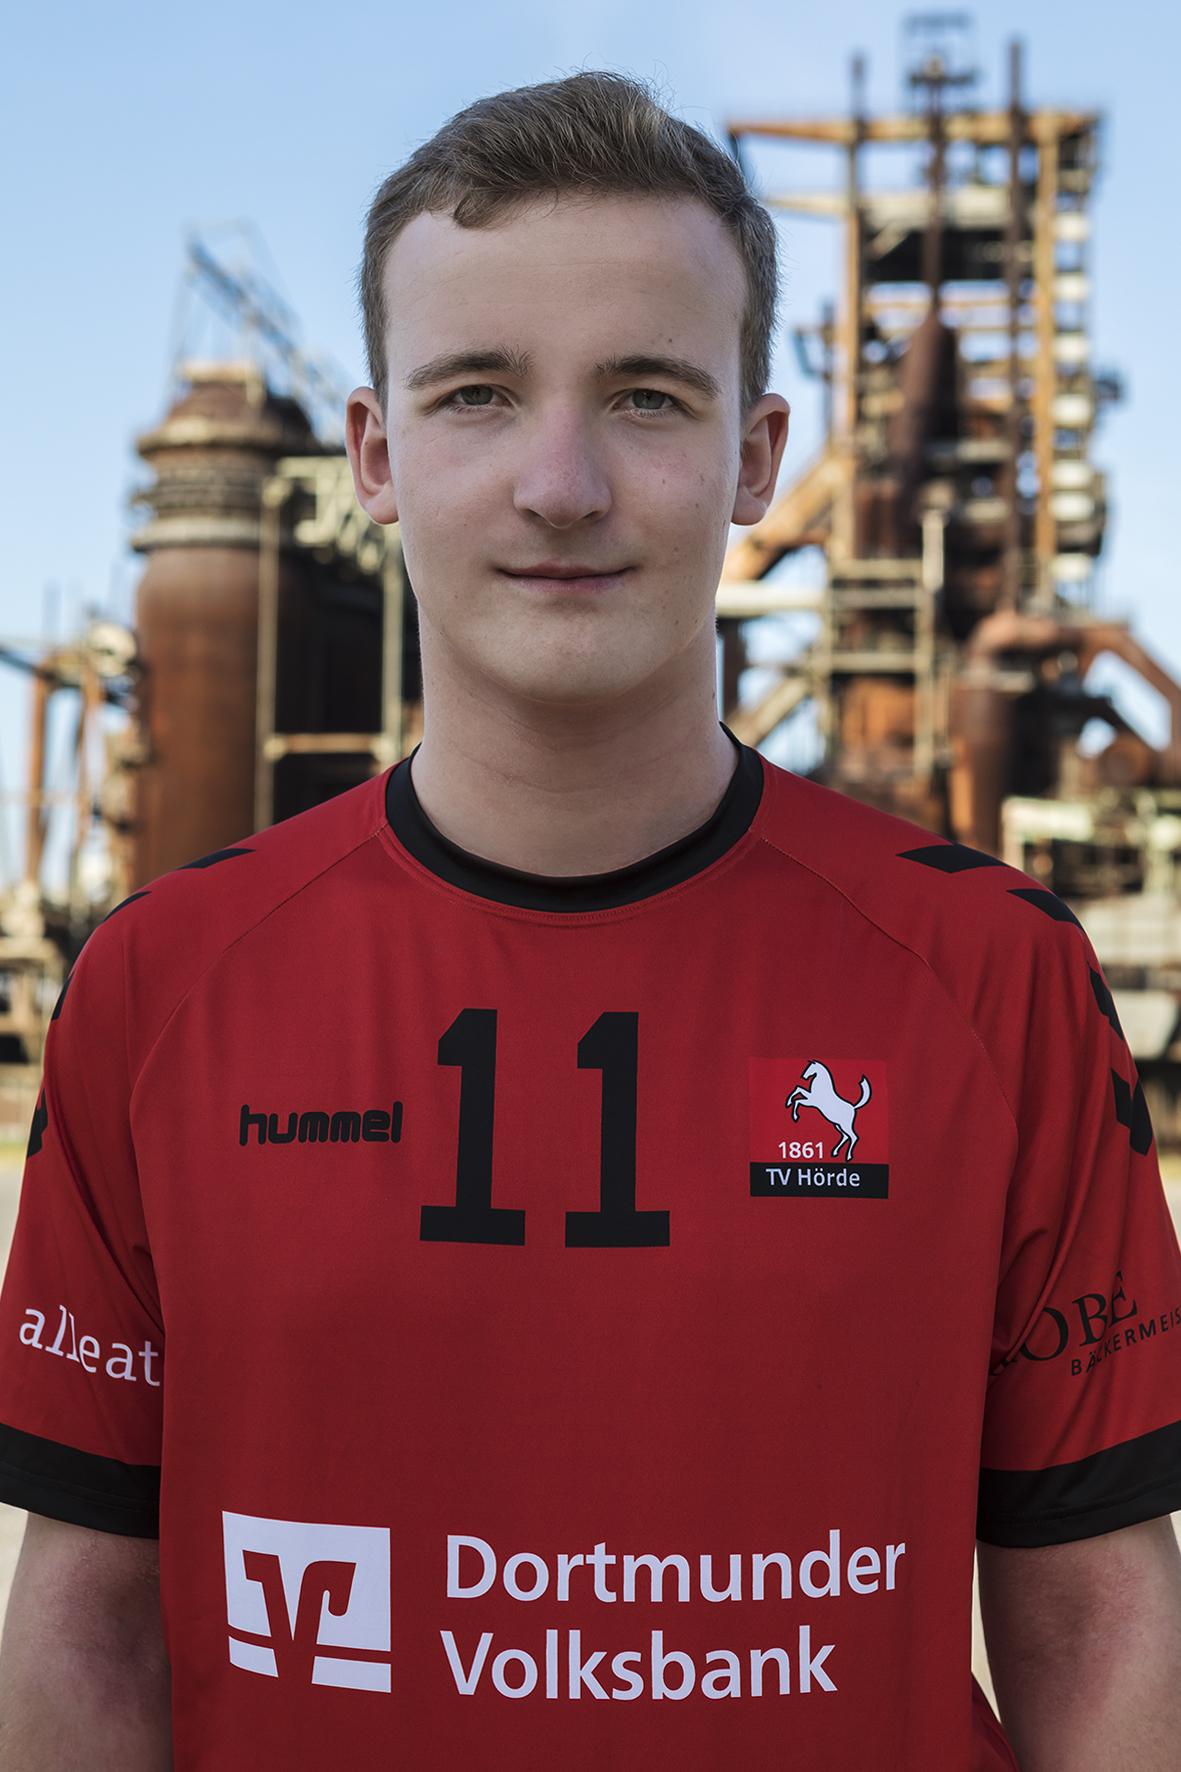 11 - Moritz Finke